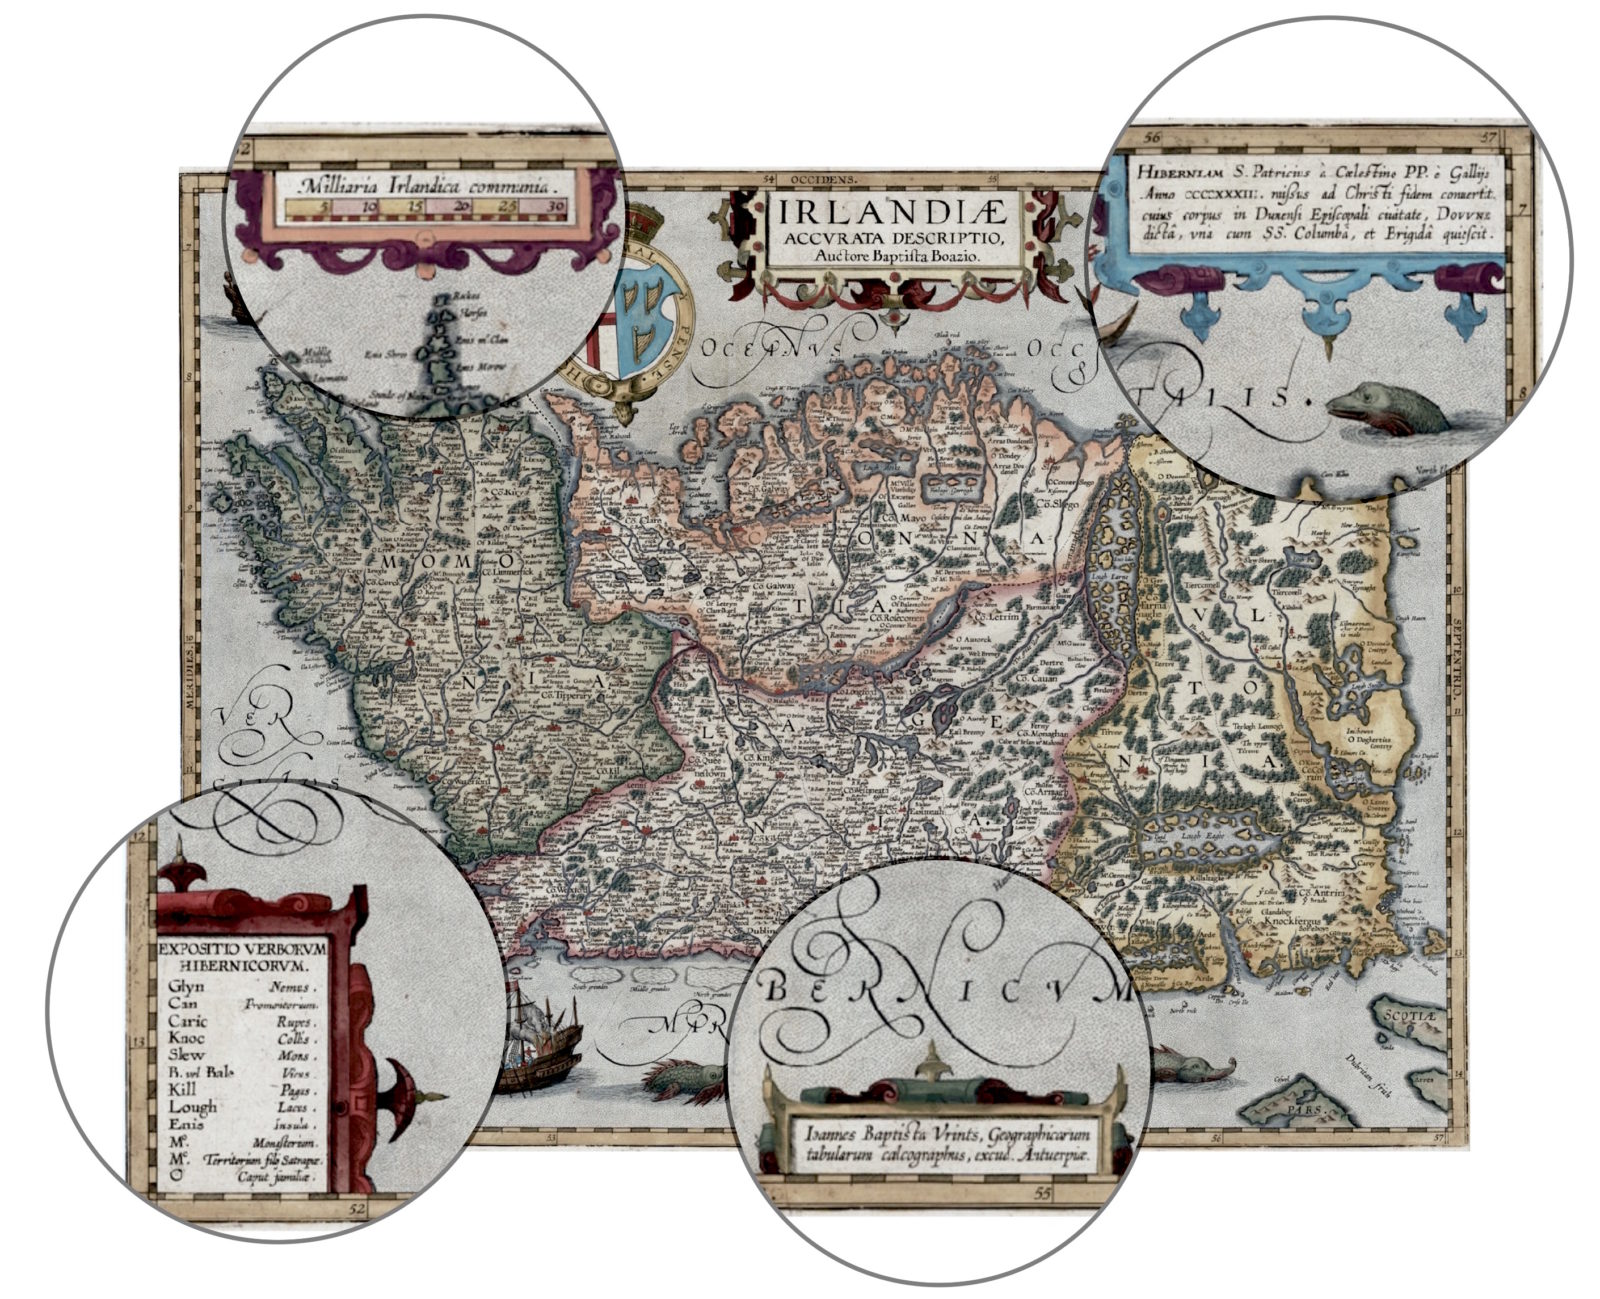 Cartina Geografica Antica.Cenni Sugli Elementi Che Compongono Una Carta Geografica Antica Idea Rare Maps